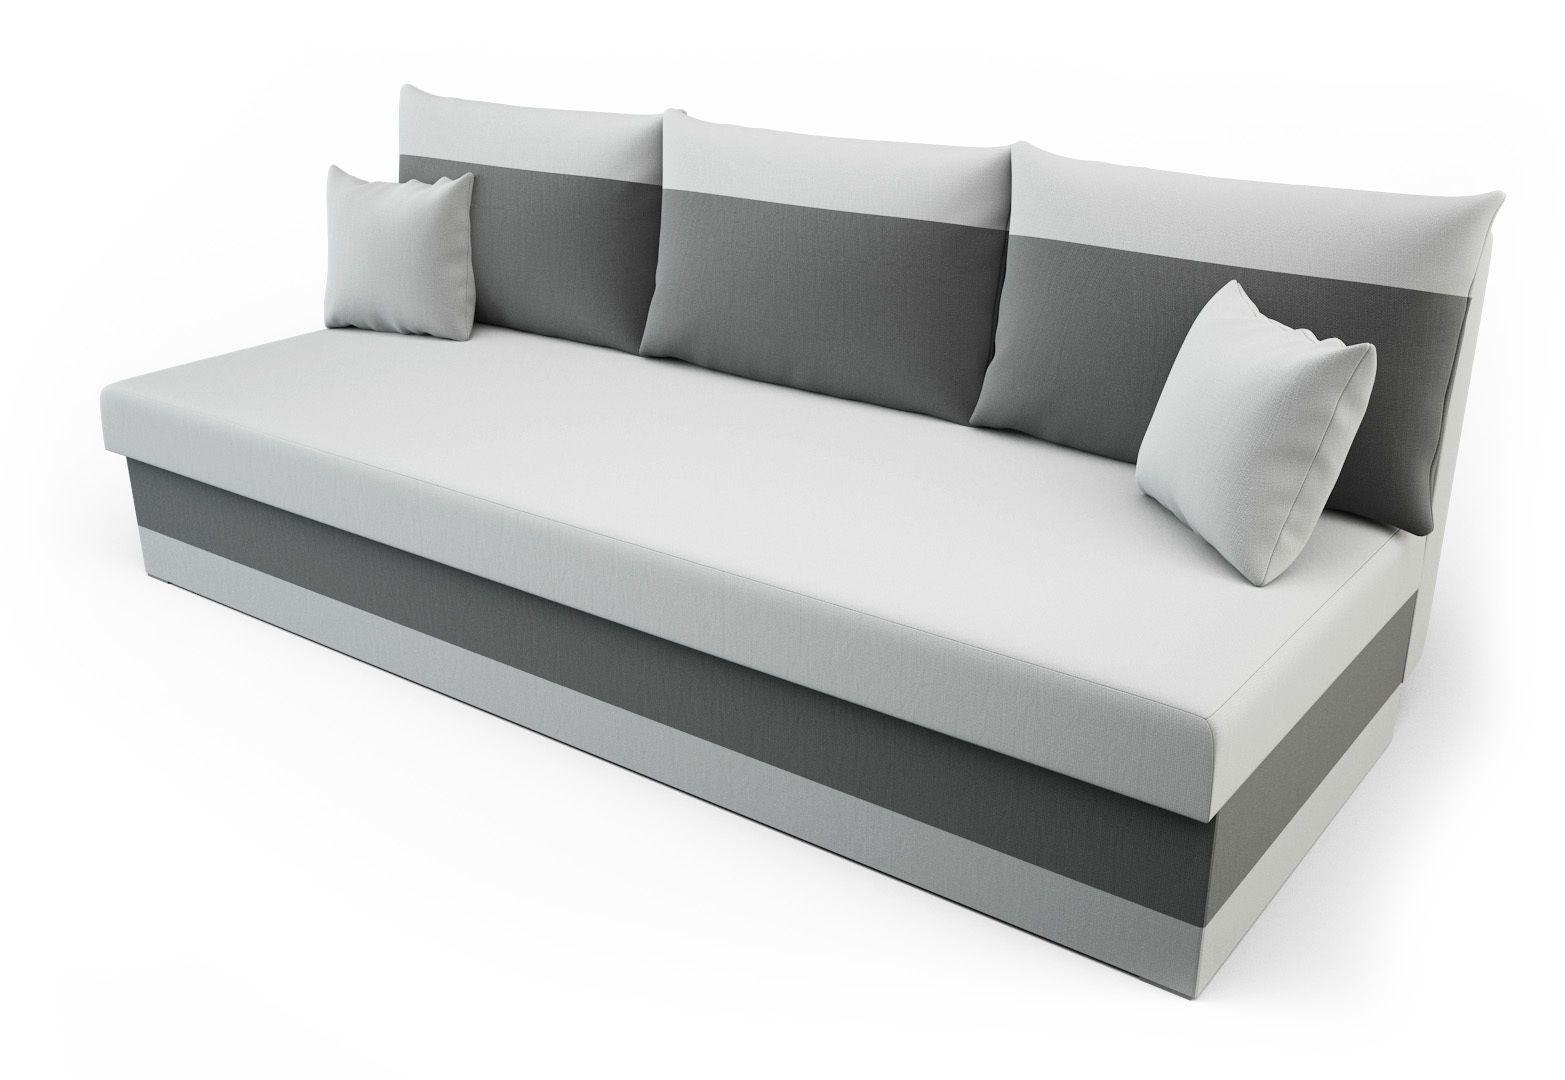 Sofa Couch Schlaffunktion Bettkasten Sofagarnitur Sofabett Schlafsofa Premium Modern House Facades Furniture Sofa